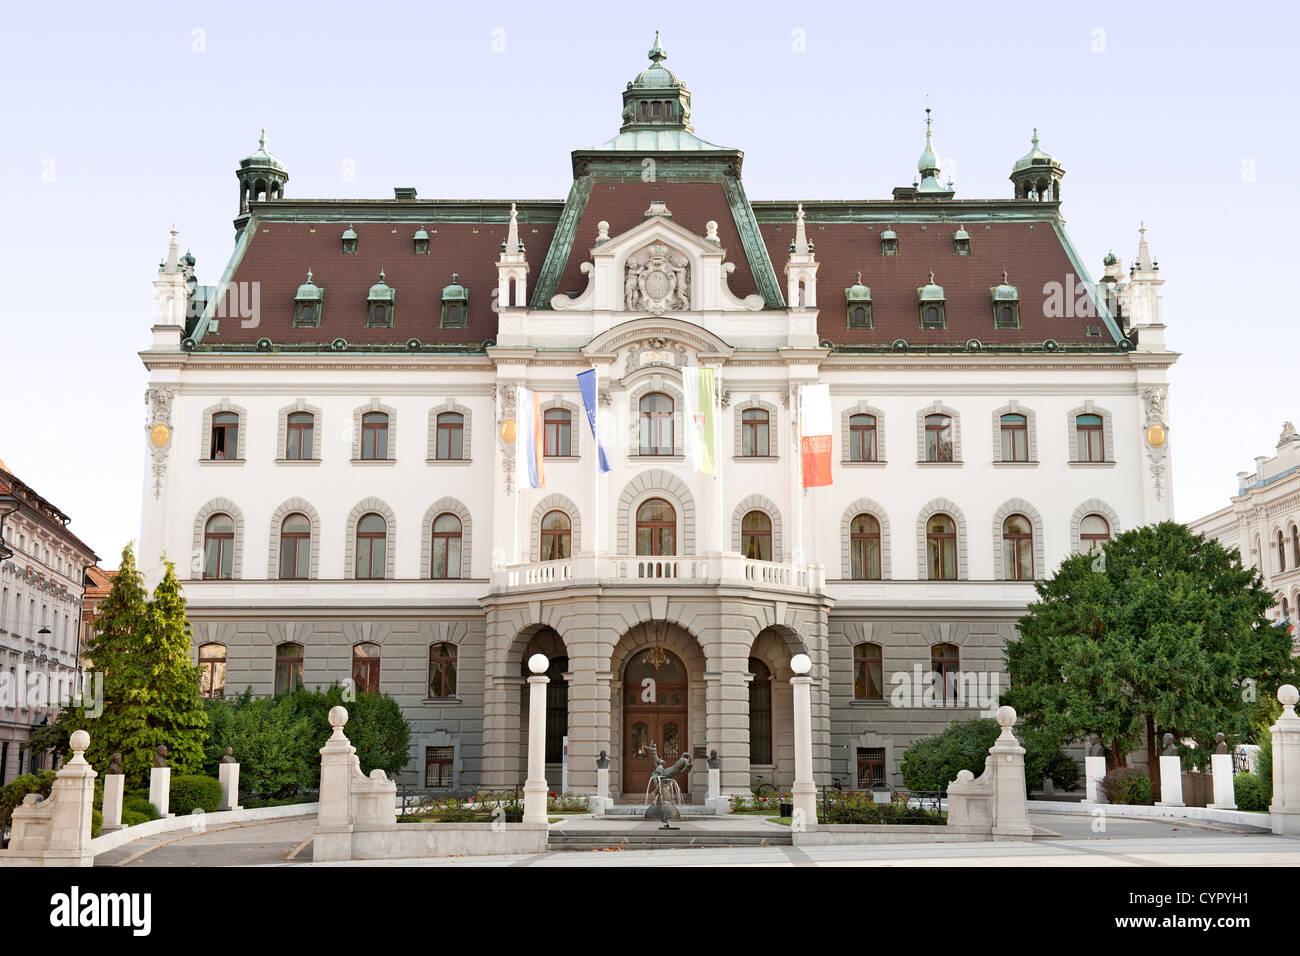 The main building of the University of Ljubljana in Slovenia. - Stock Image